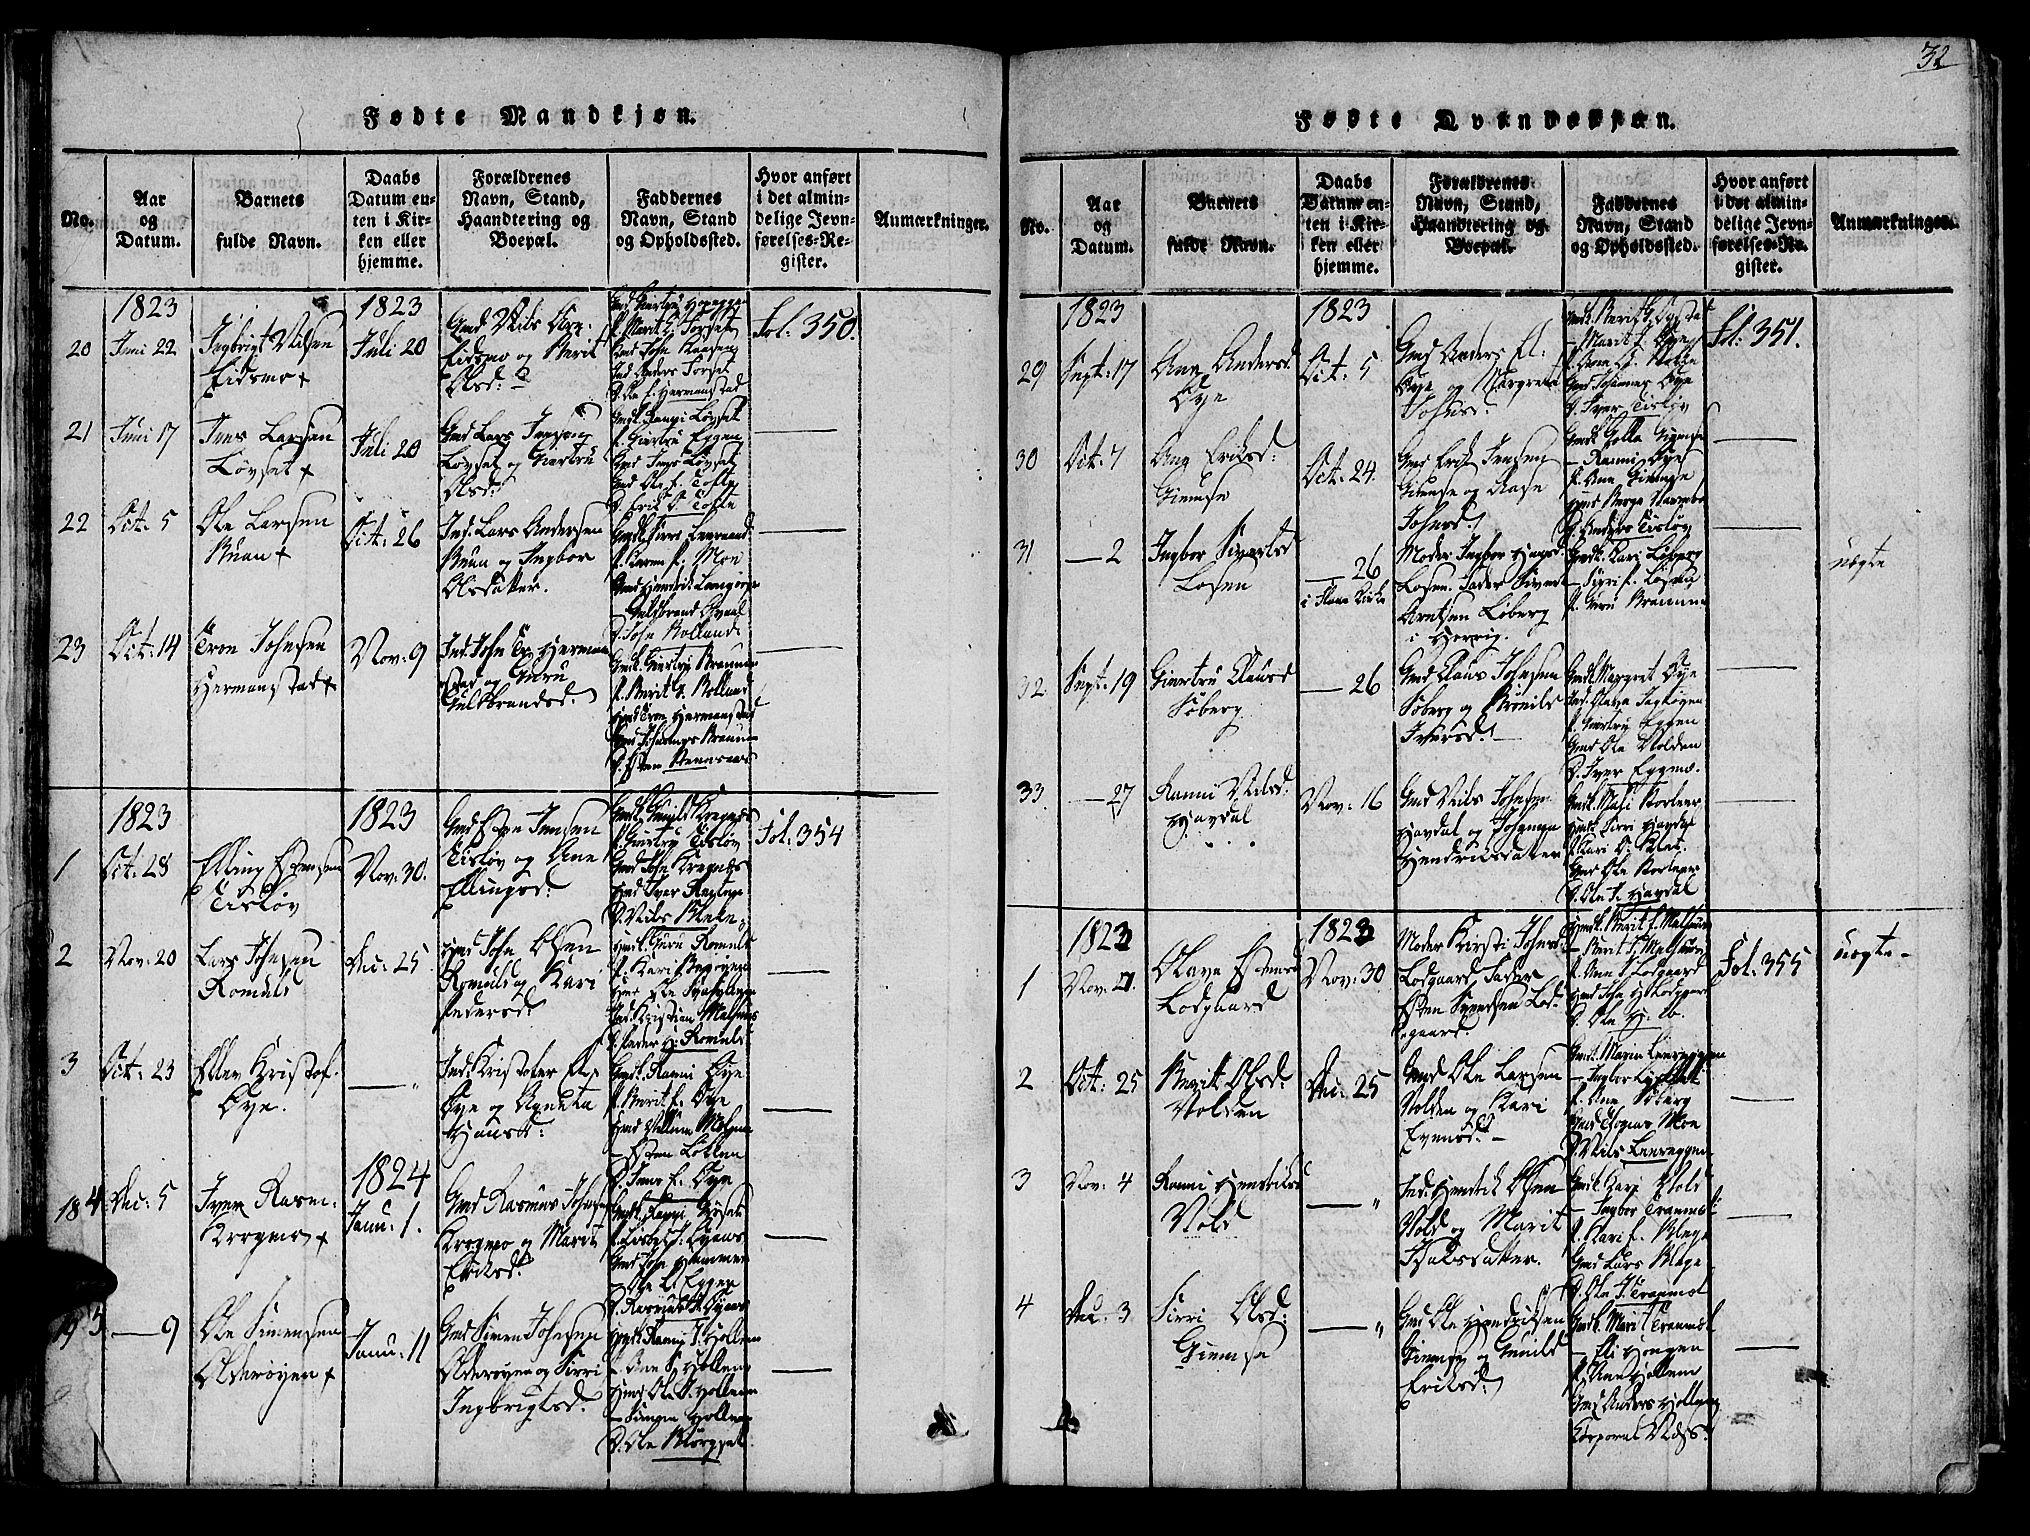 SAT, Ministerialprotokoller, klokkerbøker og fødselsregistre - Sør-Trøndelag, 691/L1065: Ministerialbok nr. 691A03 /1, 1816-1826, s. 32